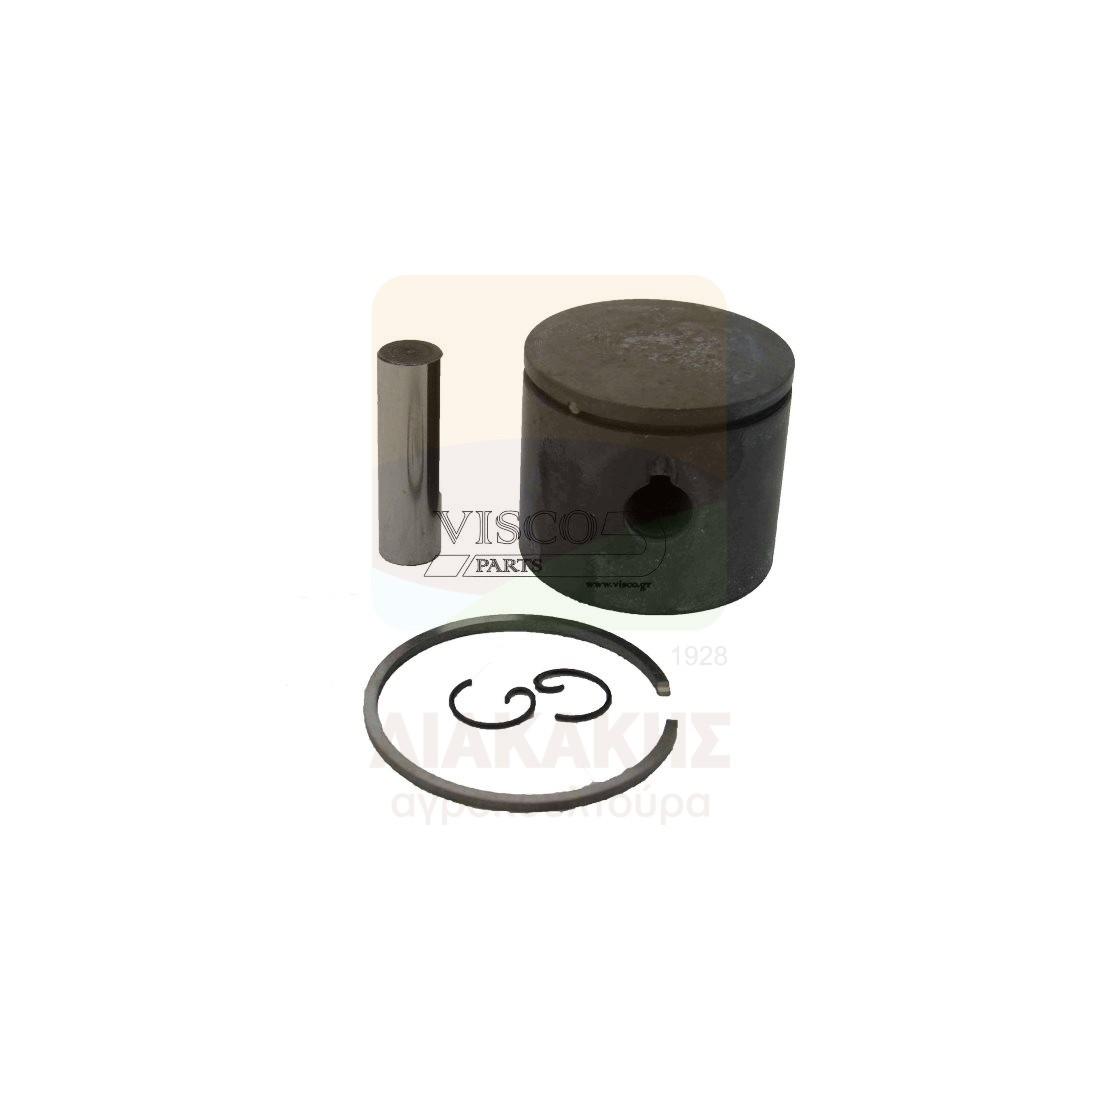 ΠΙΣ-137 Πιστόνι OLEOMAC 931-932C (37mm)